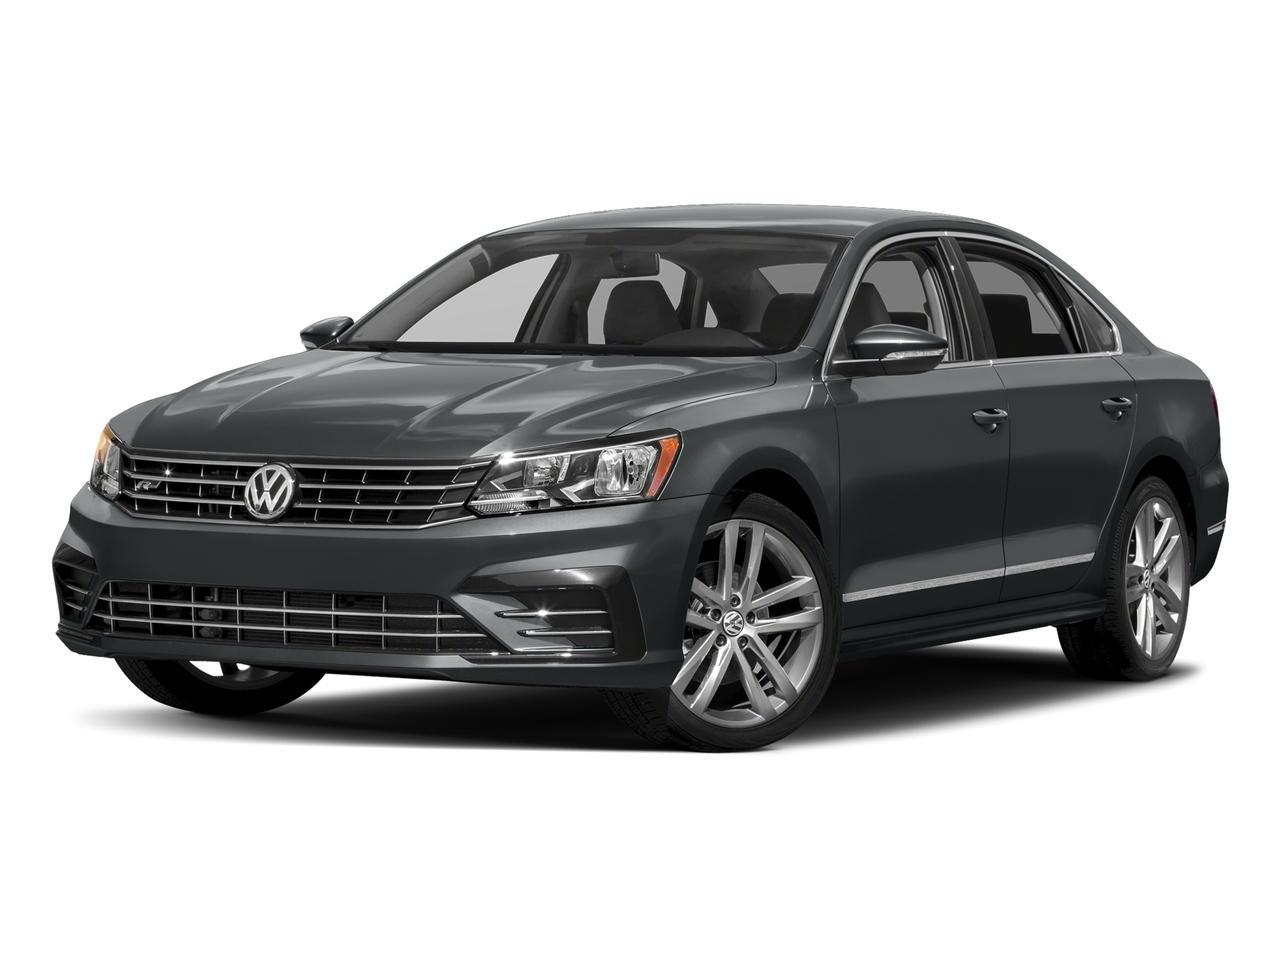 2018 Volkswagen Passat Vehicle Photo in San Antonio, TX 78257